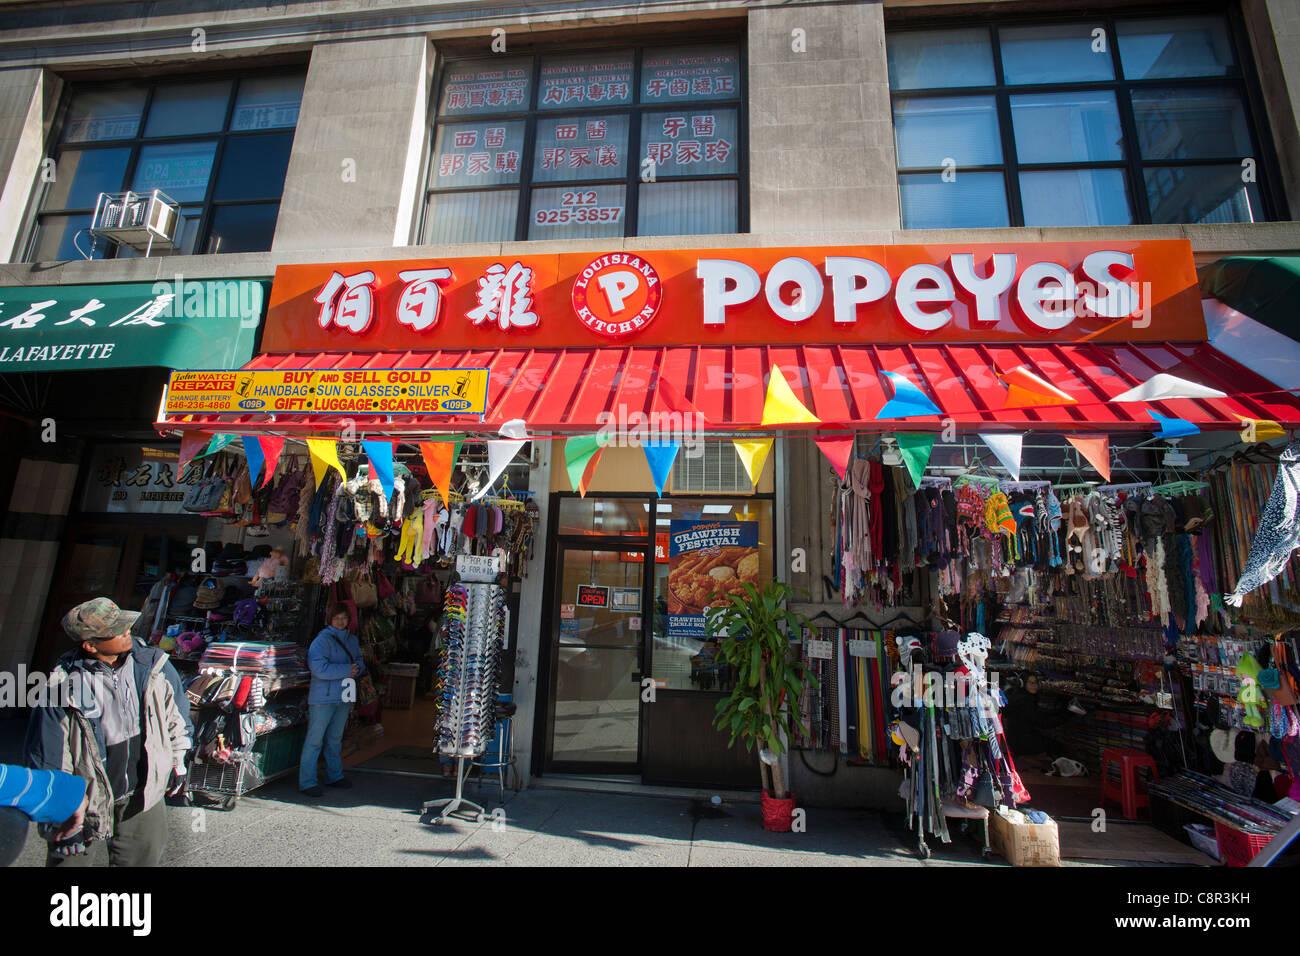 Ein Popeye Louisiana Küche Restaurant in Chinatown in New York mit ...